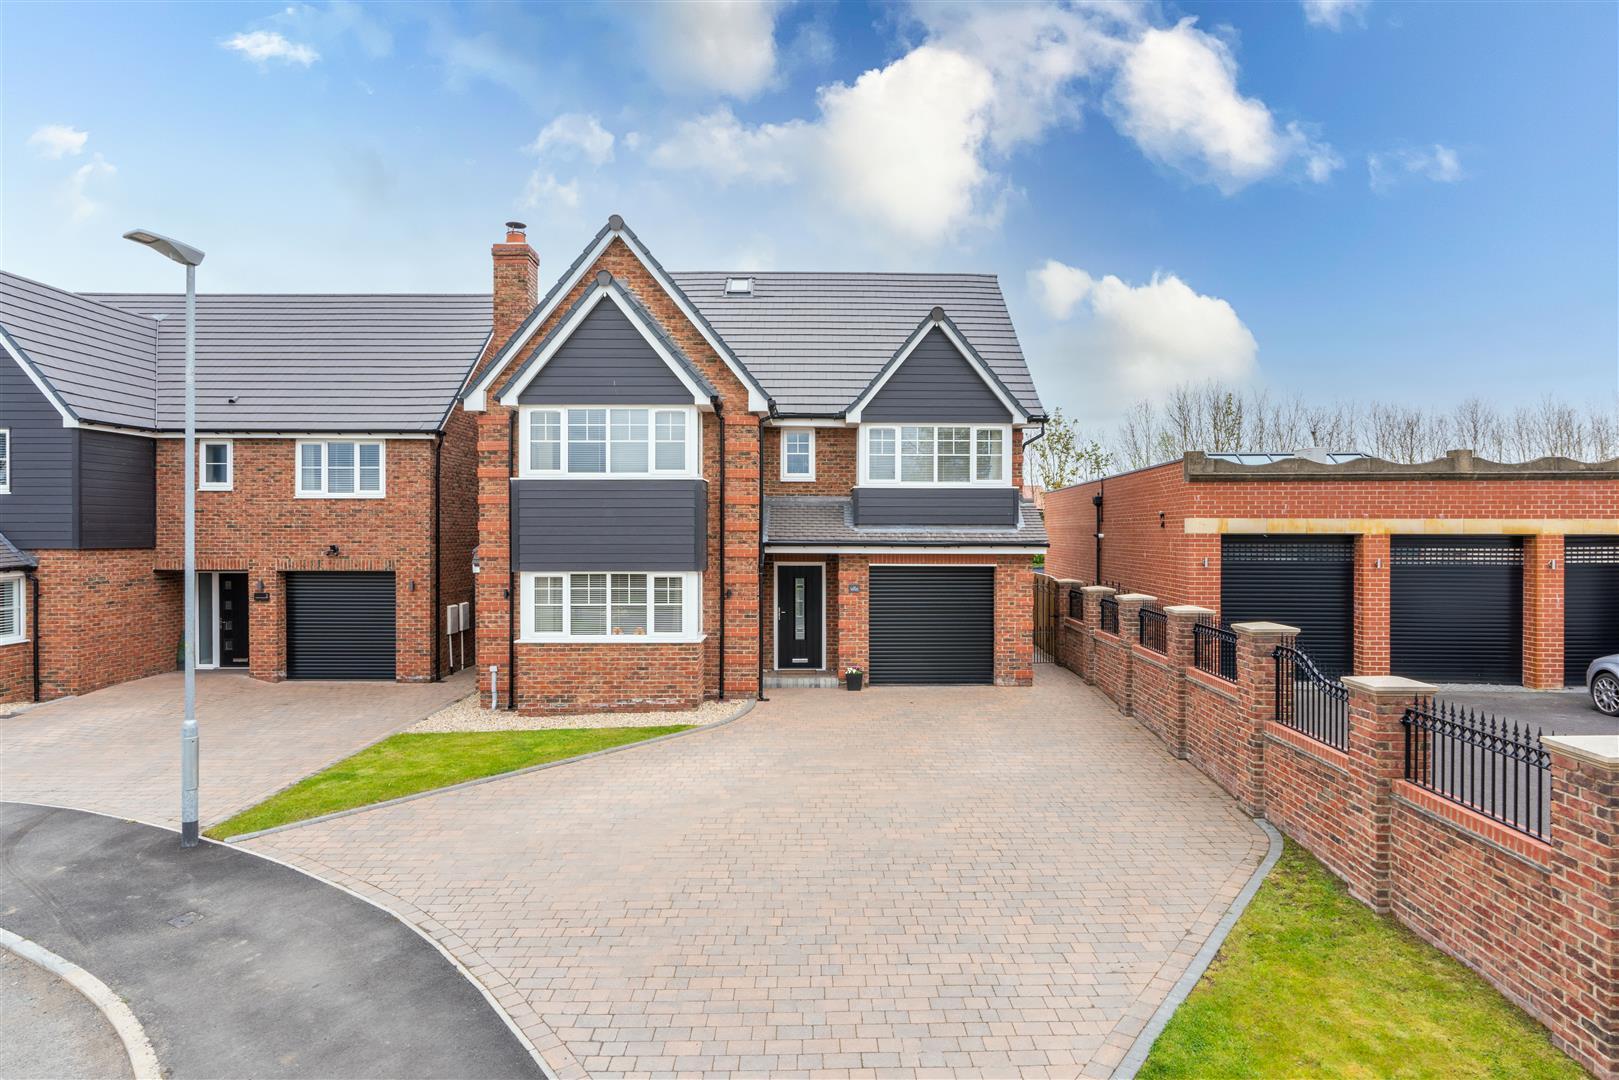 5 bed detached house for sale in St. Davids Park, Cramlington, NE23